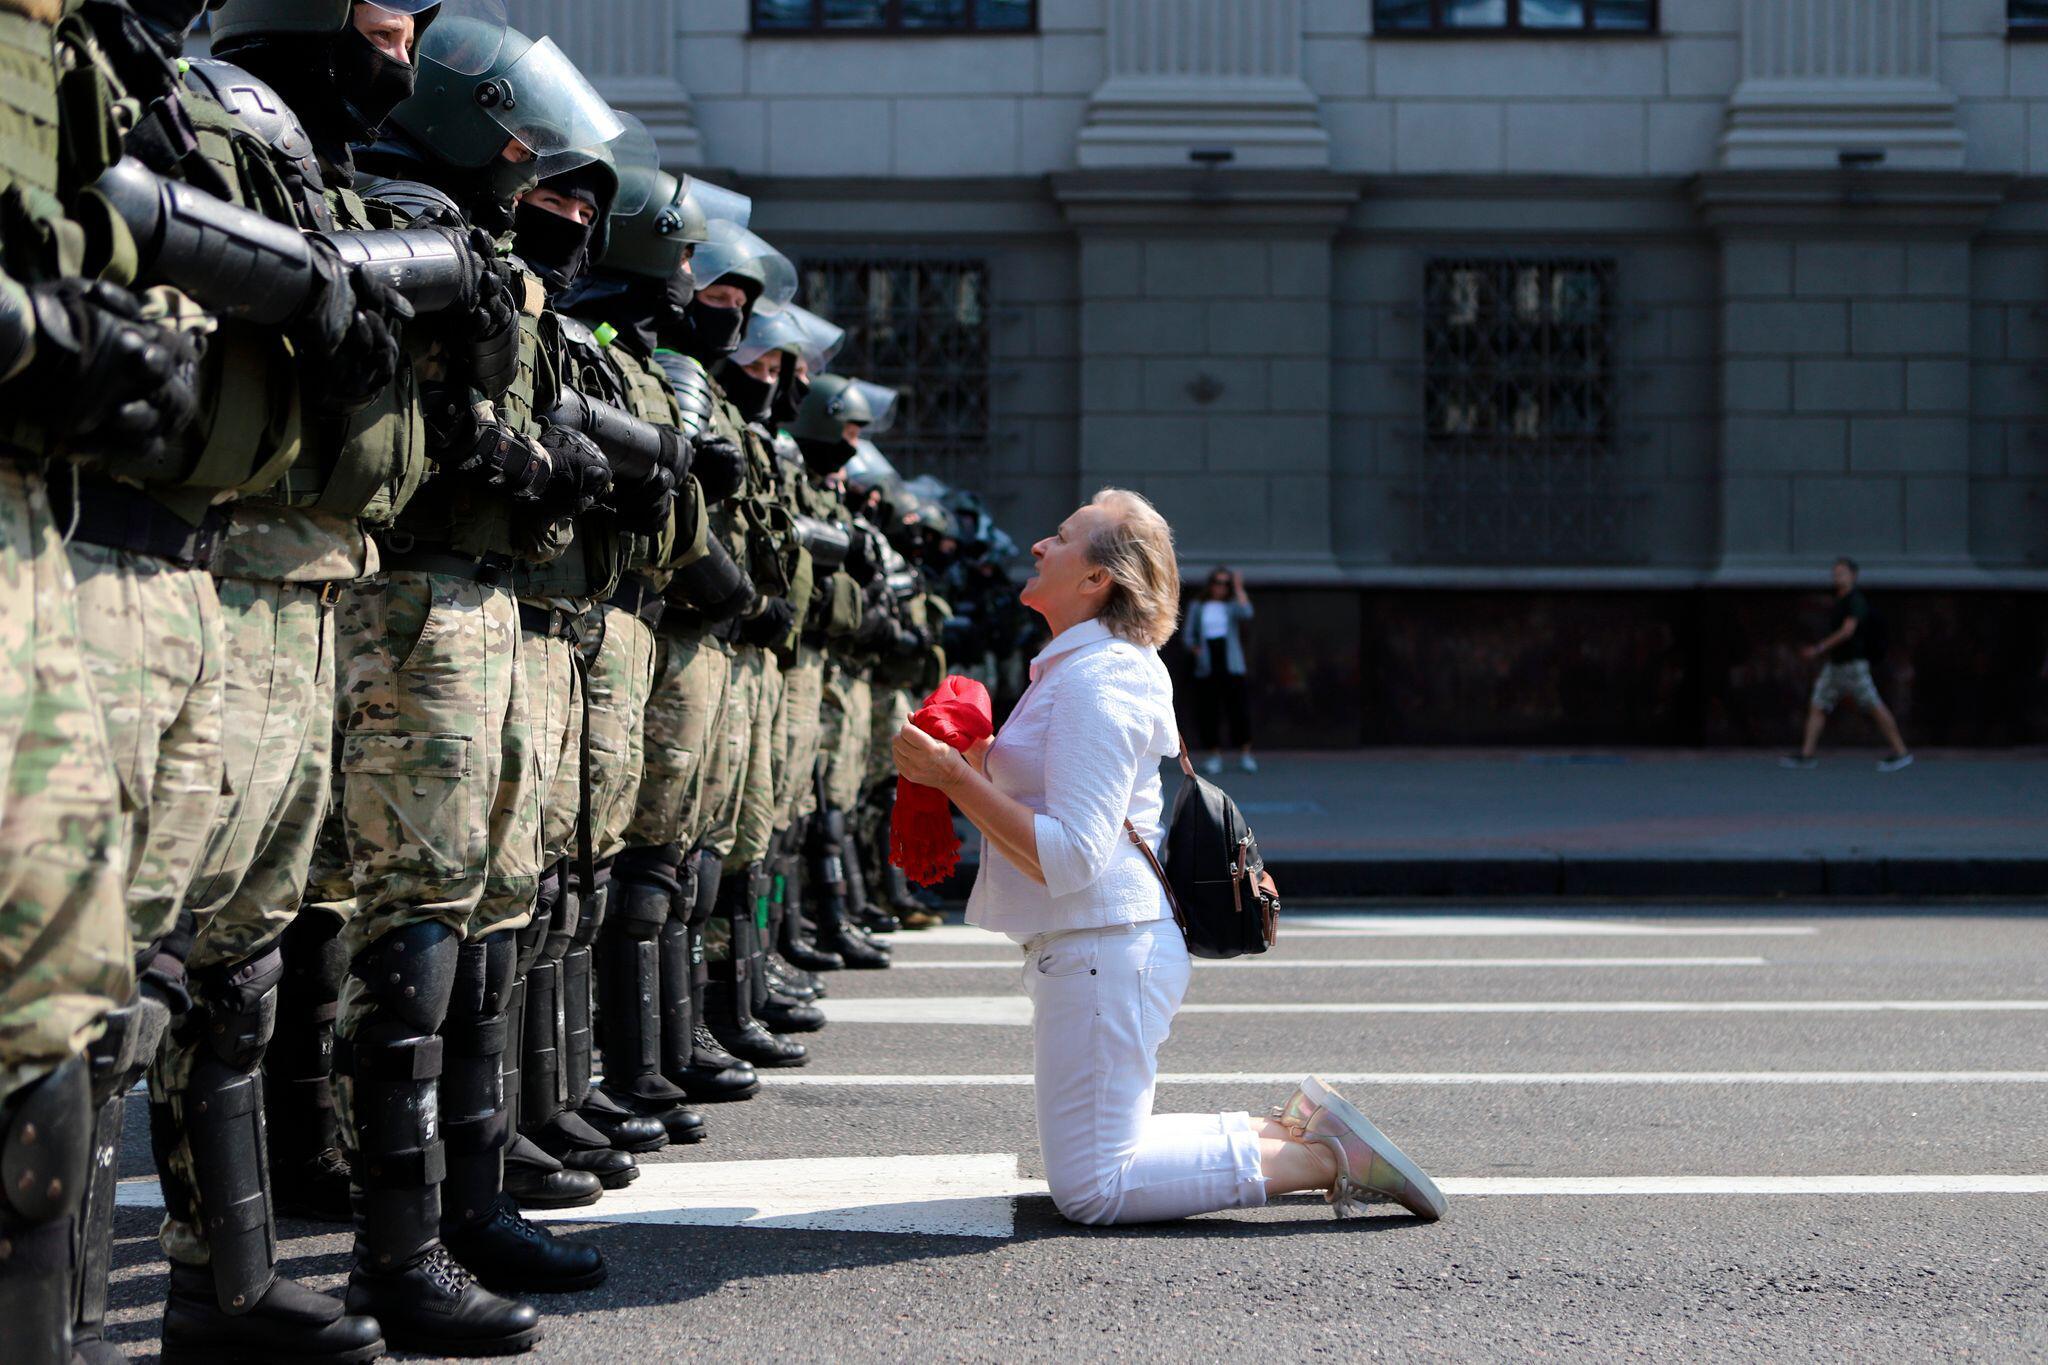 Bild zu Tausende protestieren gegen Lukaschenko in Minsk - Festnahmen